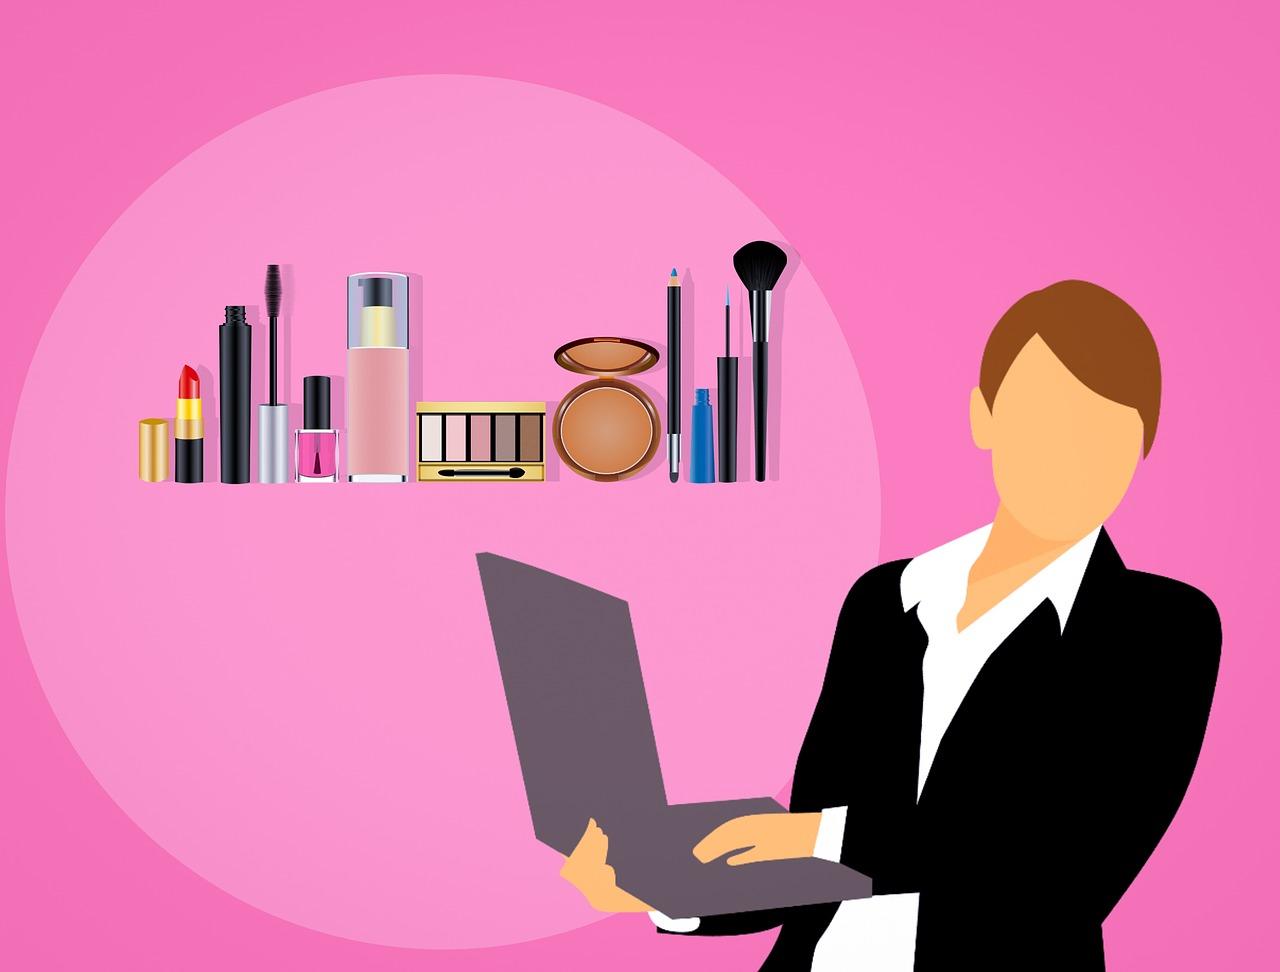 Mehr Durchblick beim Kosmetikkauf: Neue Verbraucher-App